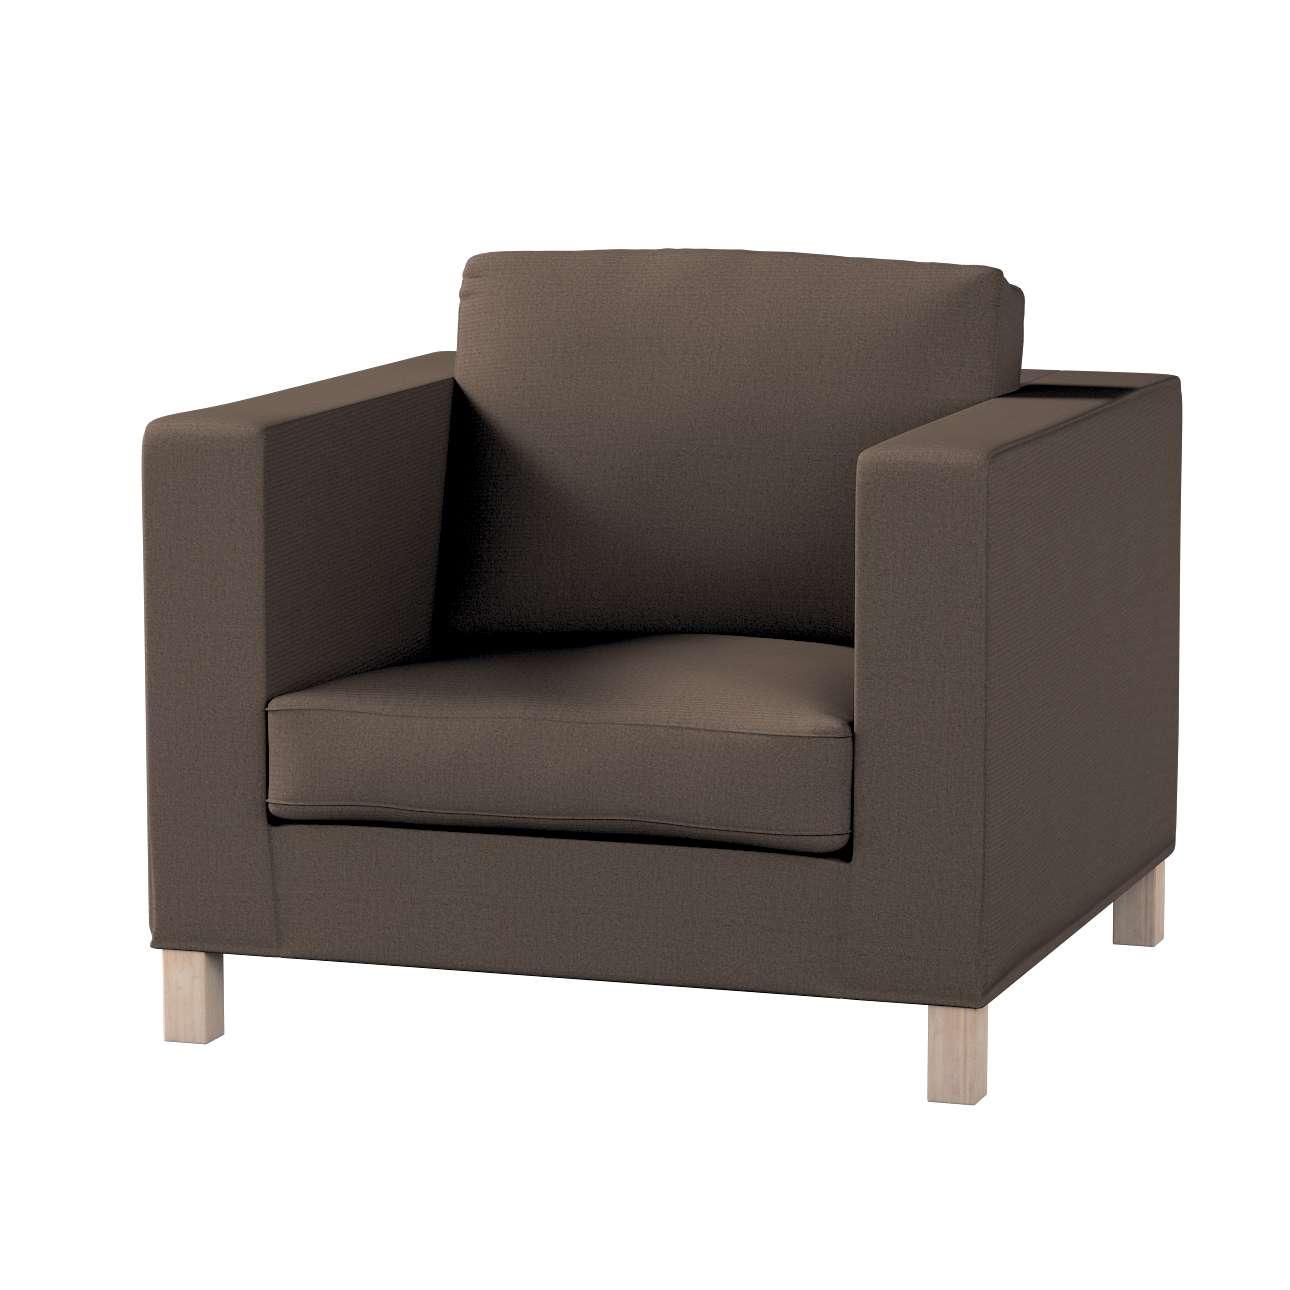 KARLANDA fotelio užvalkalas KARLANDA fotelio užvalkalas kolekcijoje Etna , audinys: 705-08